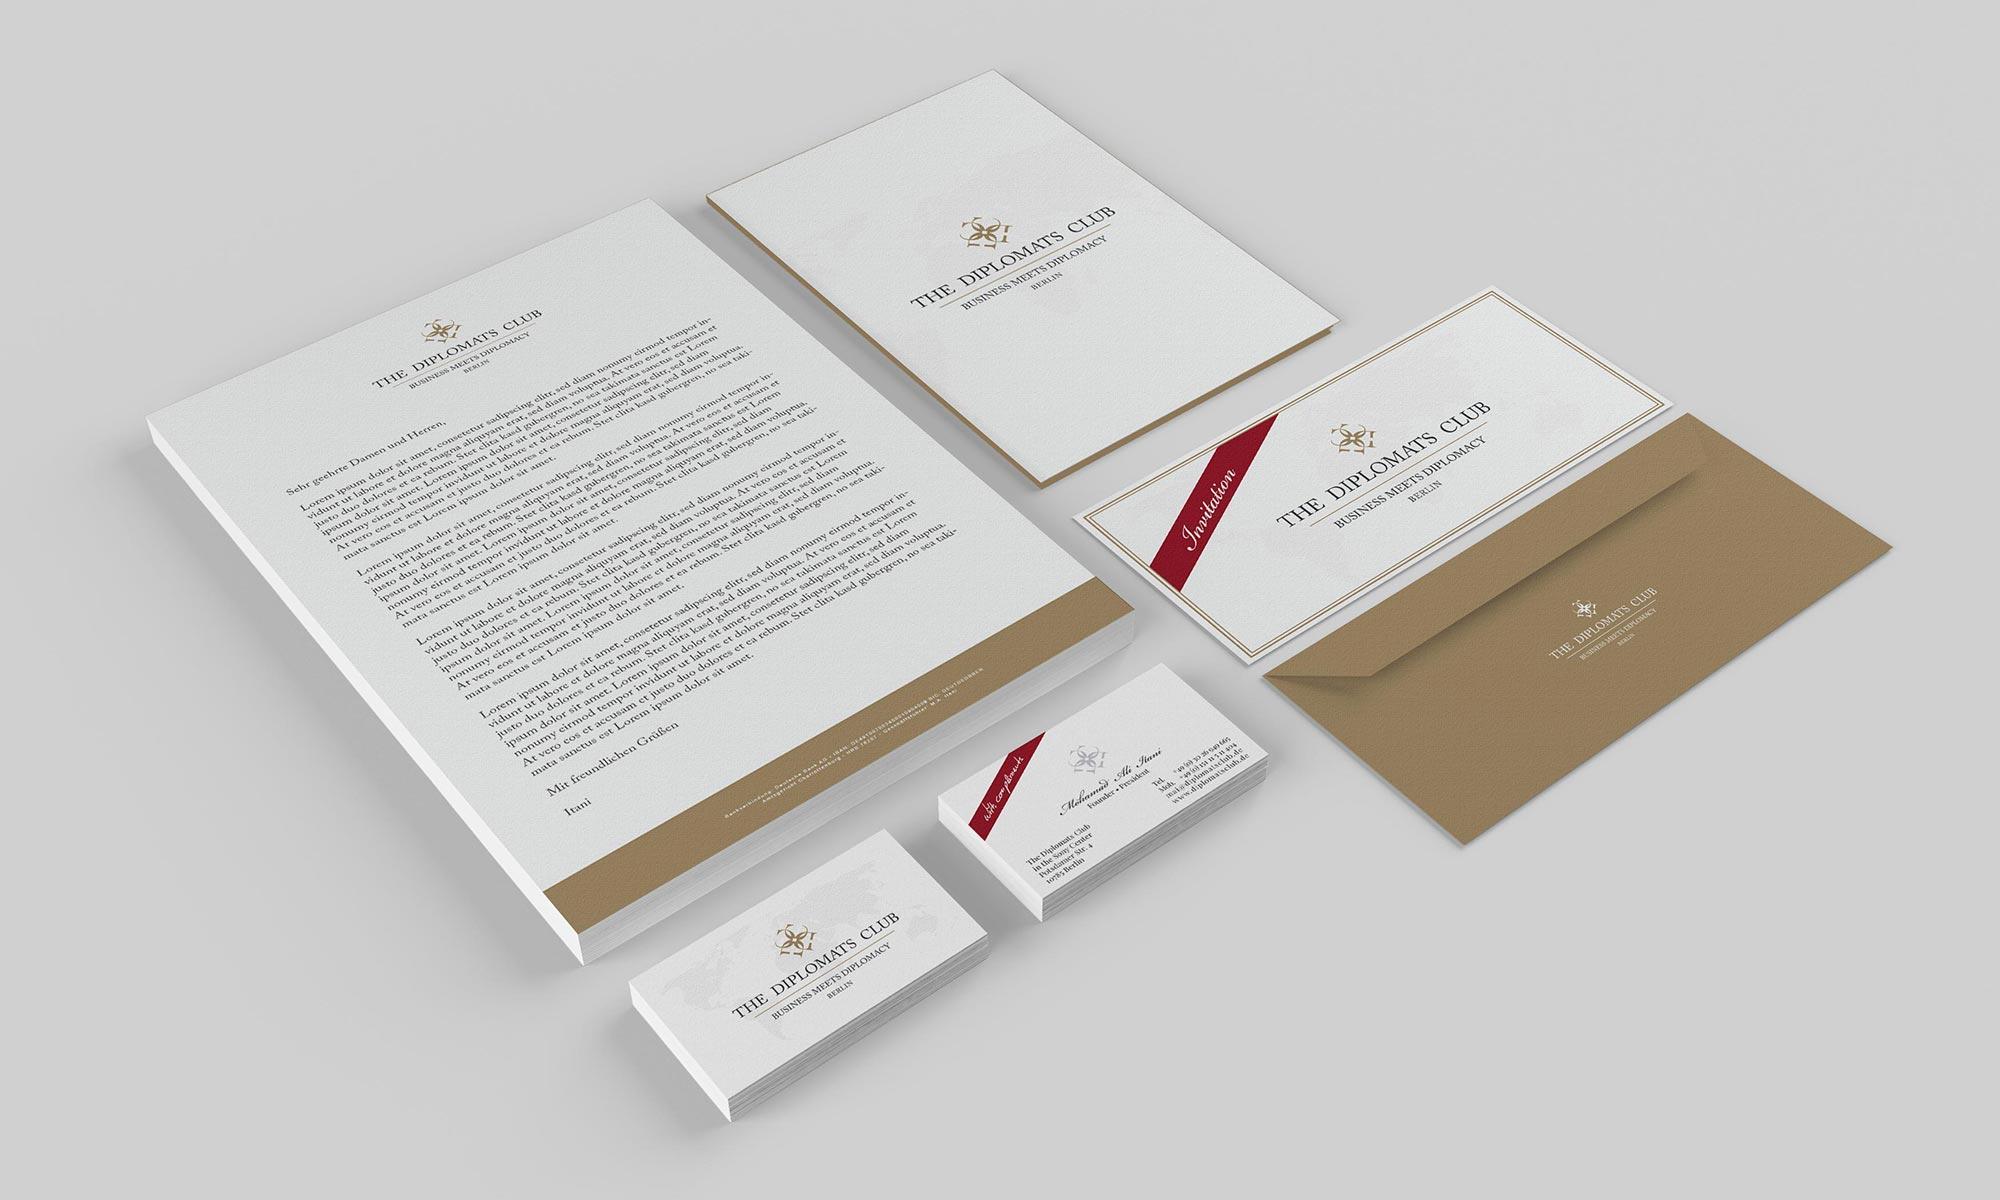 Image Corpoarte Design